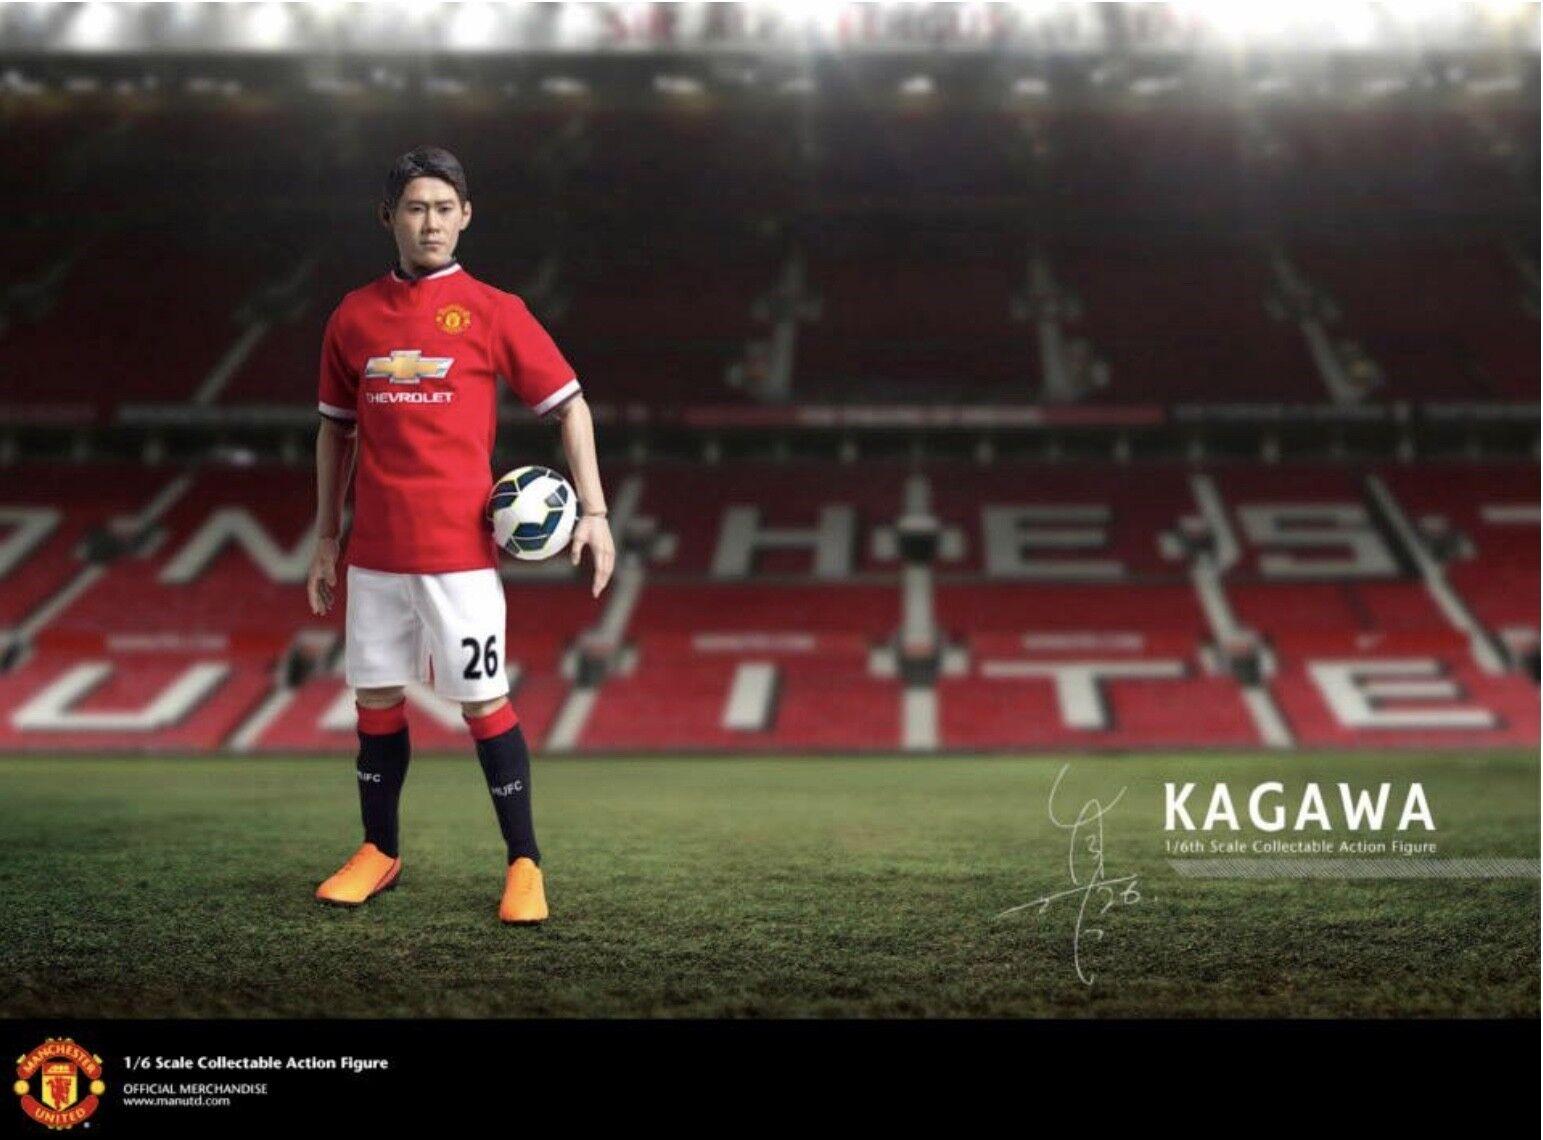 1 6 ZC-154 KAGAWA Manchester United